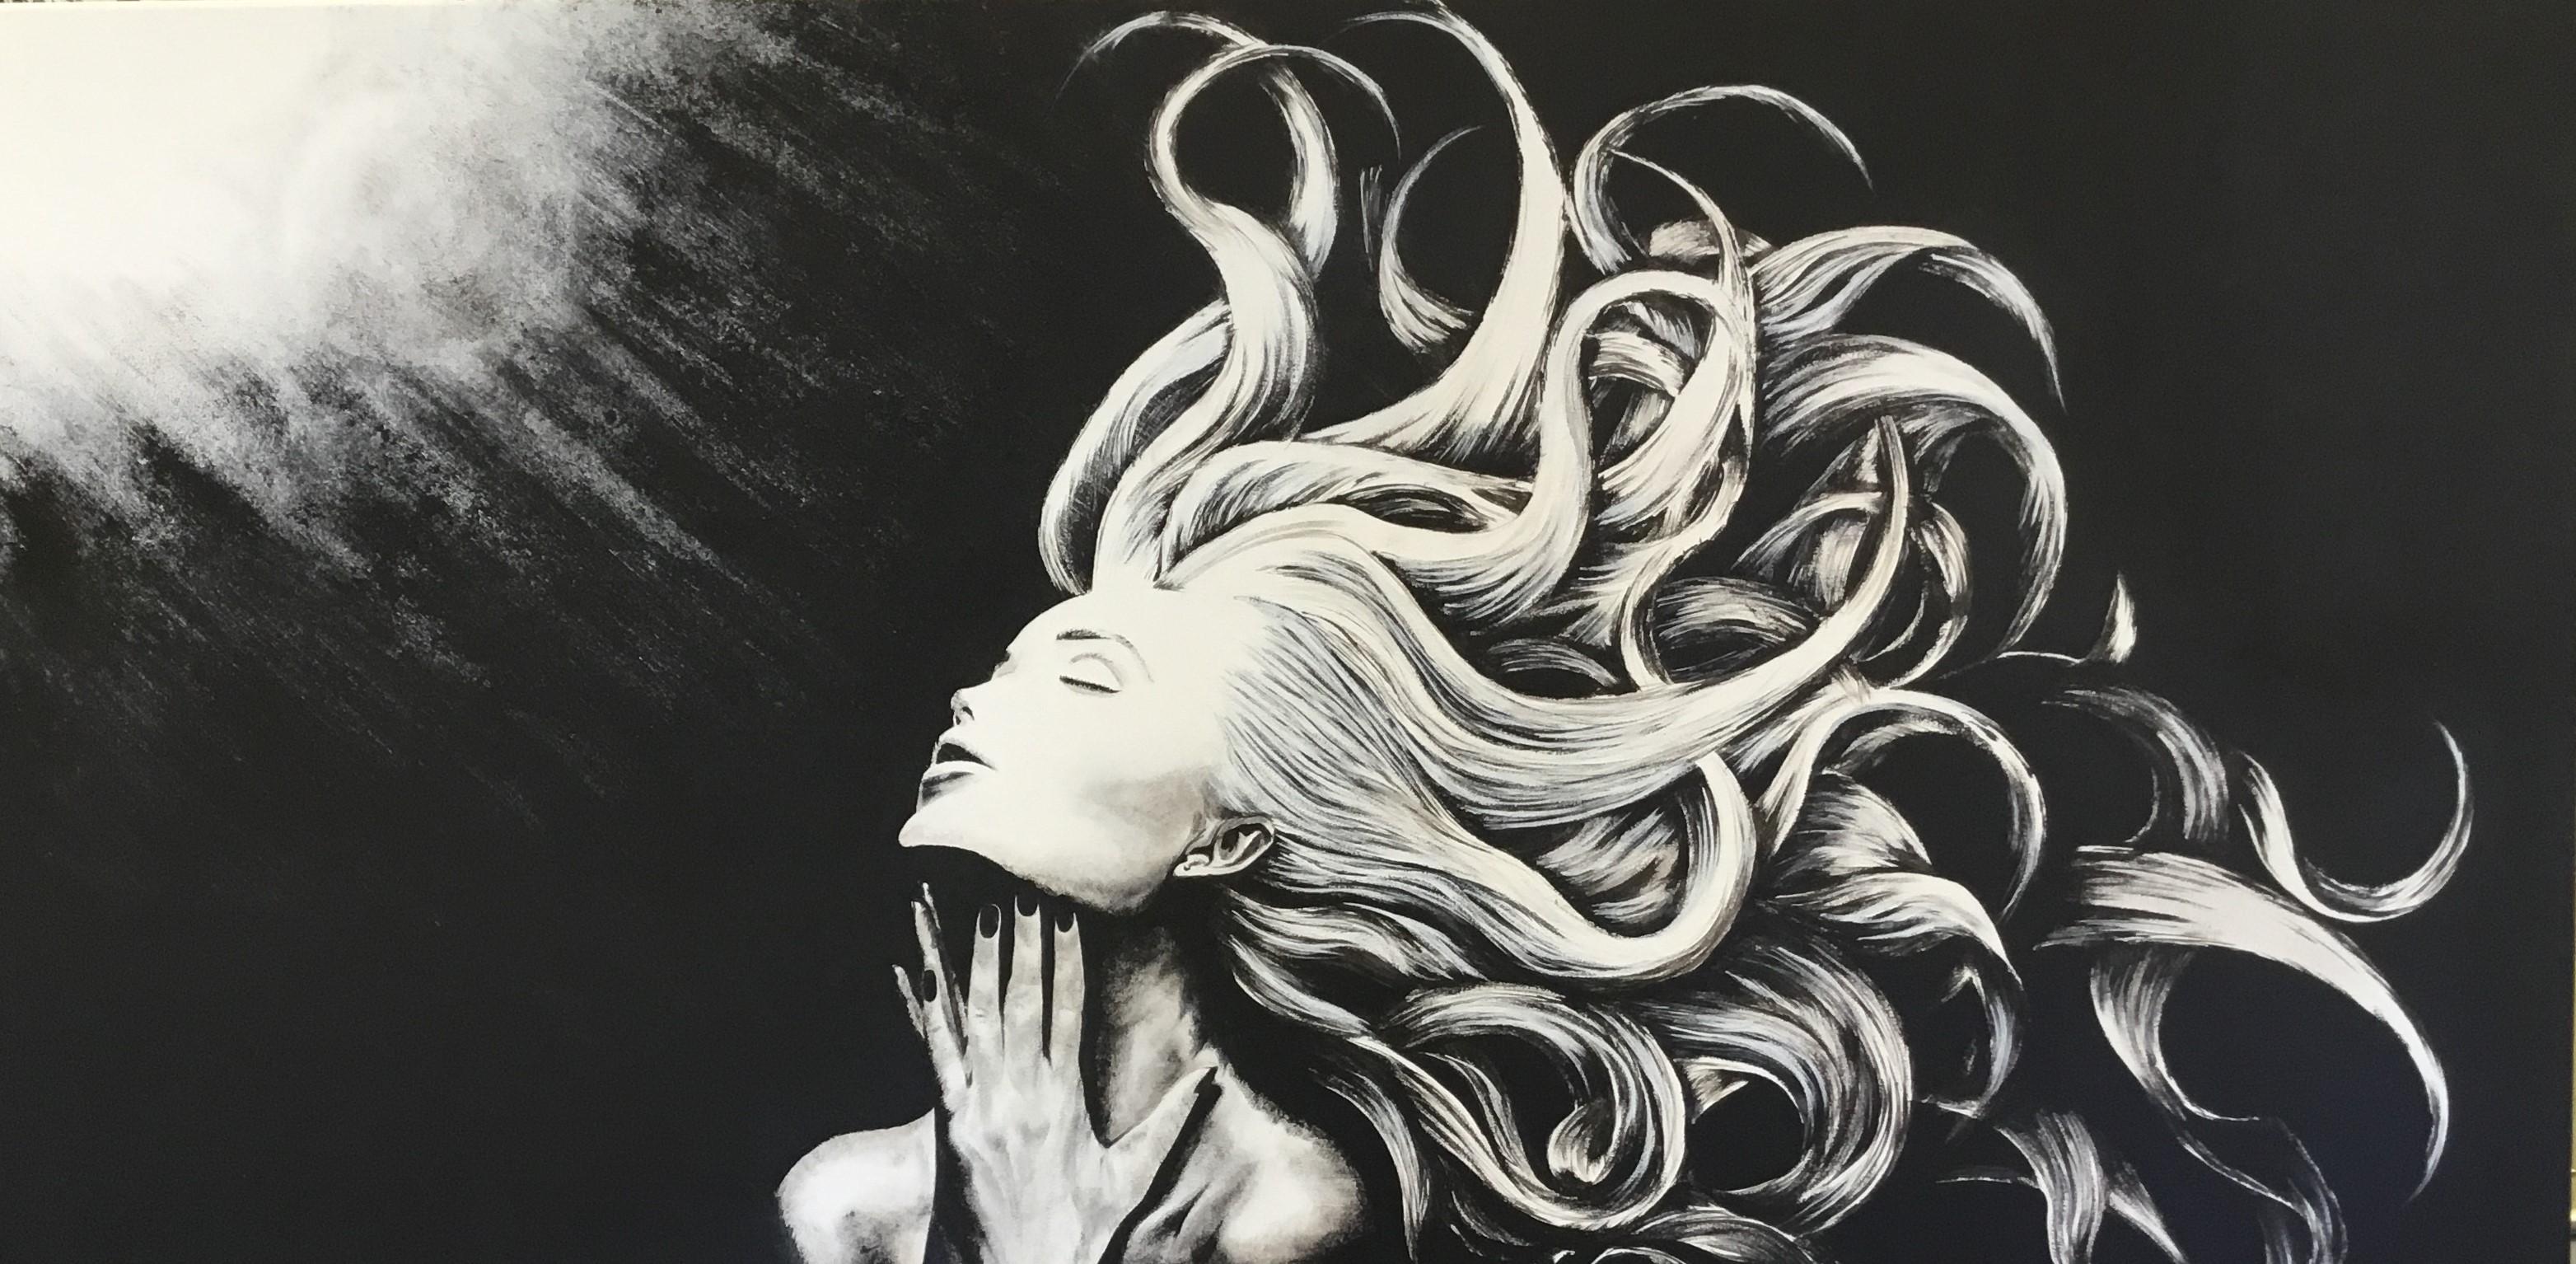 Greg Marinan - Illuminated Acrylic On Canvas